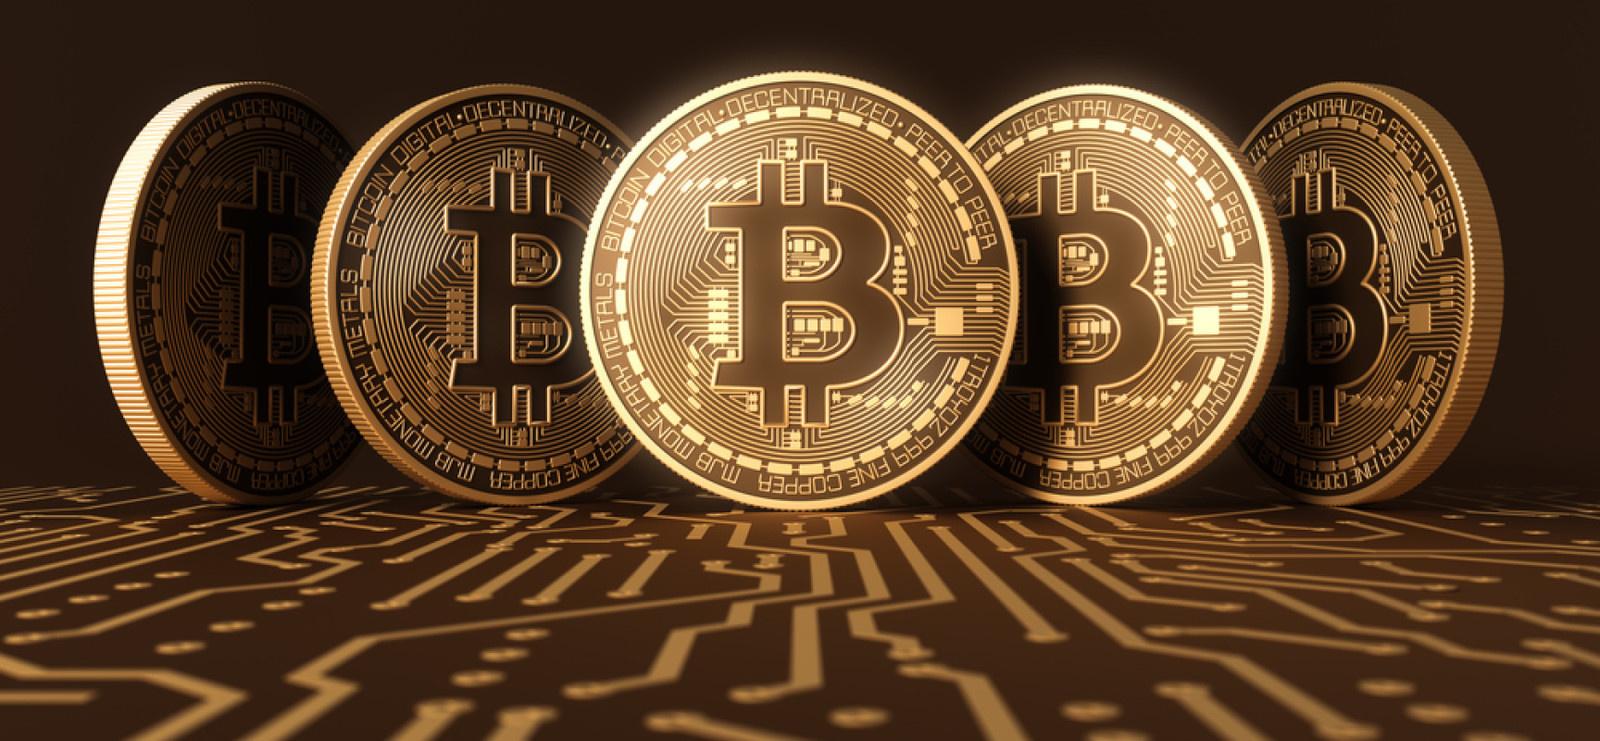 anno doro per le Cryptovalute e le ico potrebbe essere il 2018 ecco 3 motivi  - L'anno d'oro per le Cryptovalute e le ico potrebbe essere il 2018: ecco 3 motivi